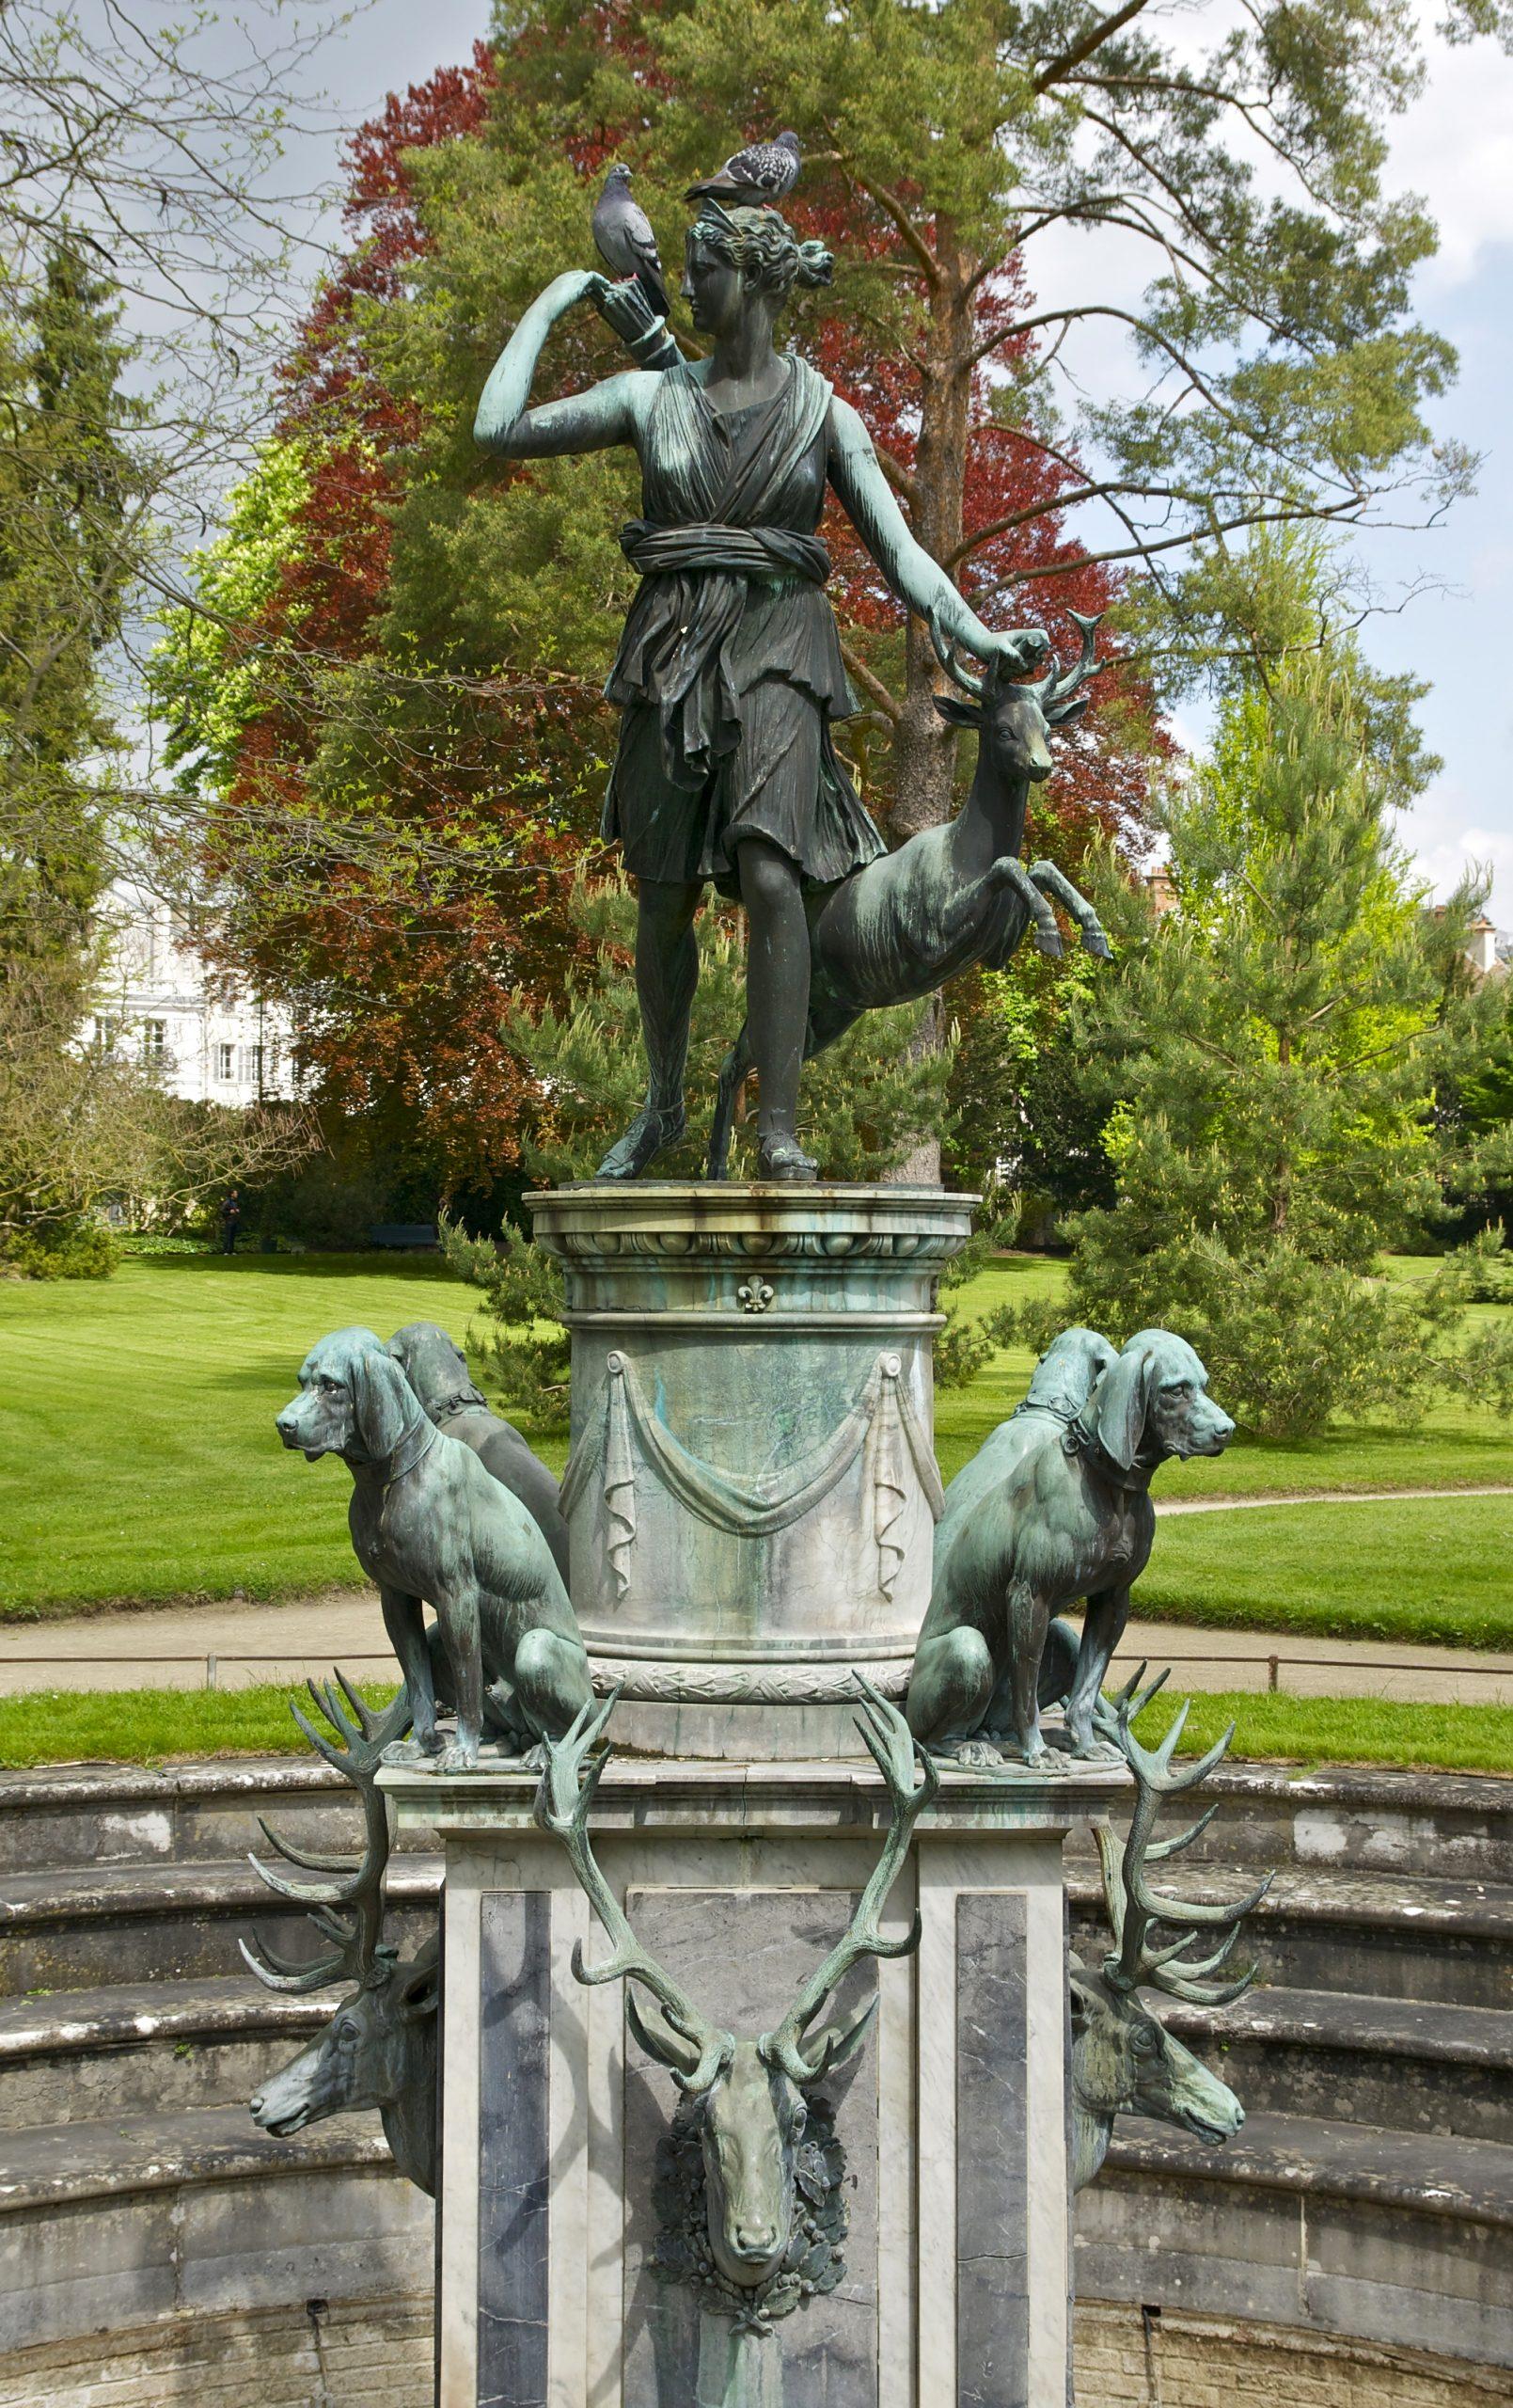 File:fontaine Jardin De Diane Fontainebleau.jpg - Wikimedia ... concernant Image Fontaine De Jardin